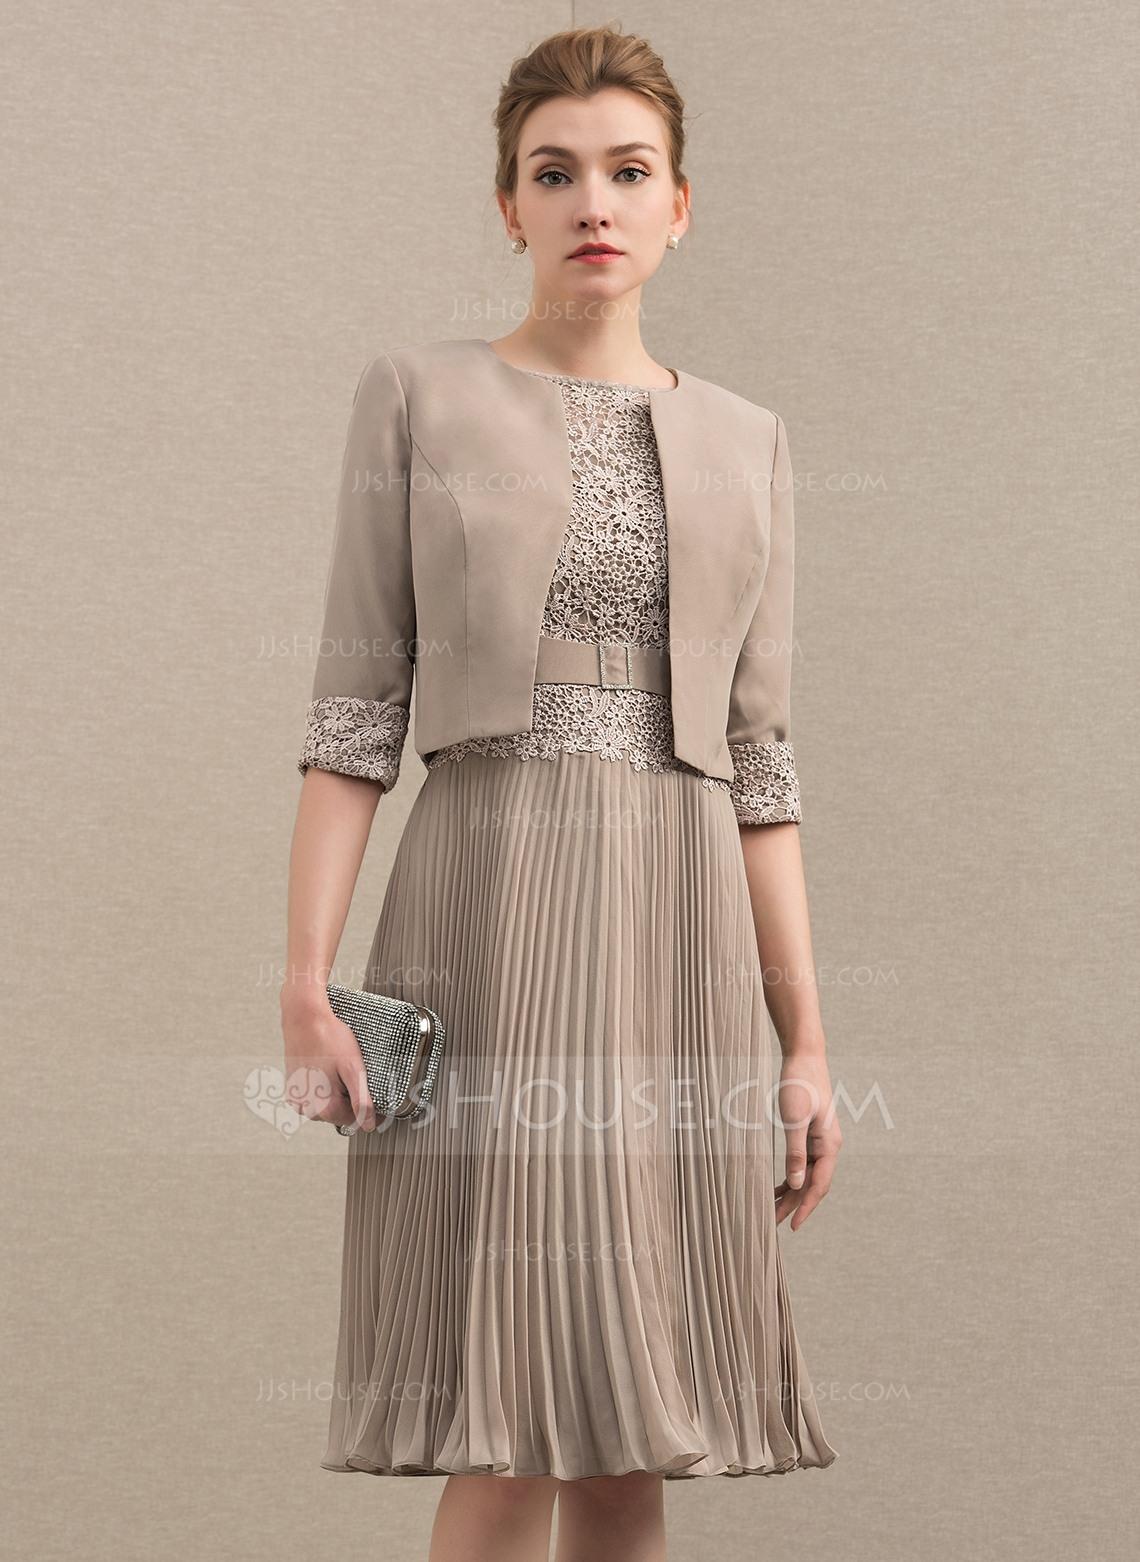 Kreativ Kleider Für Die Brautmutter Ab 50 Boutique10 Spektakulär Kleider Für Die Brautmutter Ab 50 Spezialgebiet